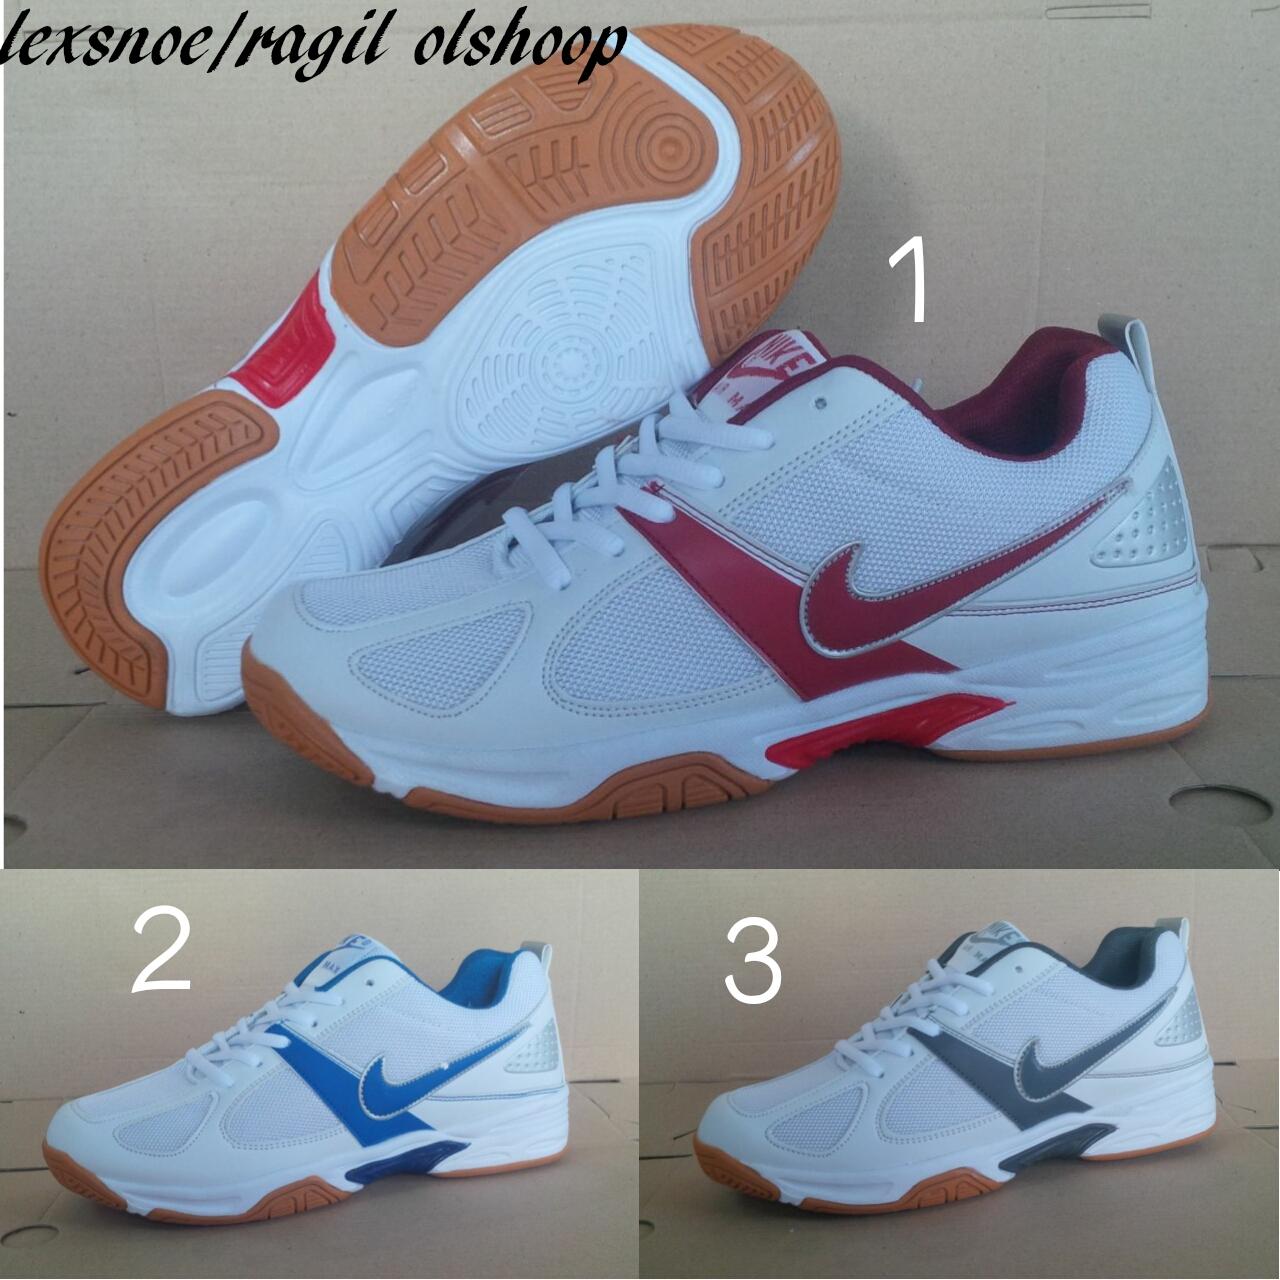 sepatu pria nike tenis sepatu tenis badminton dan olahraga A09